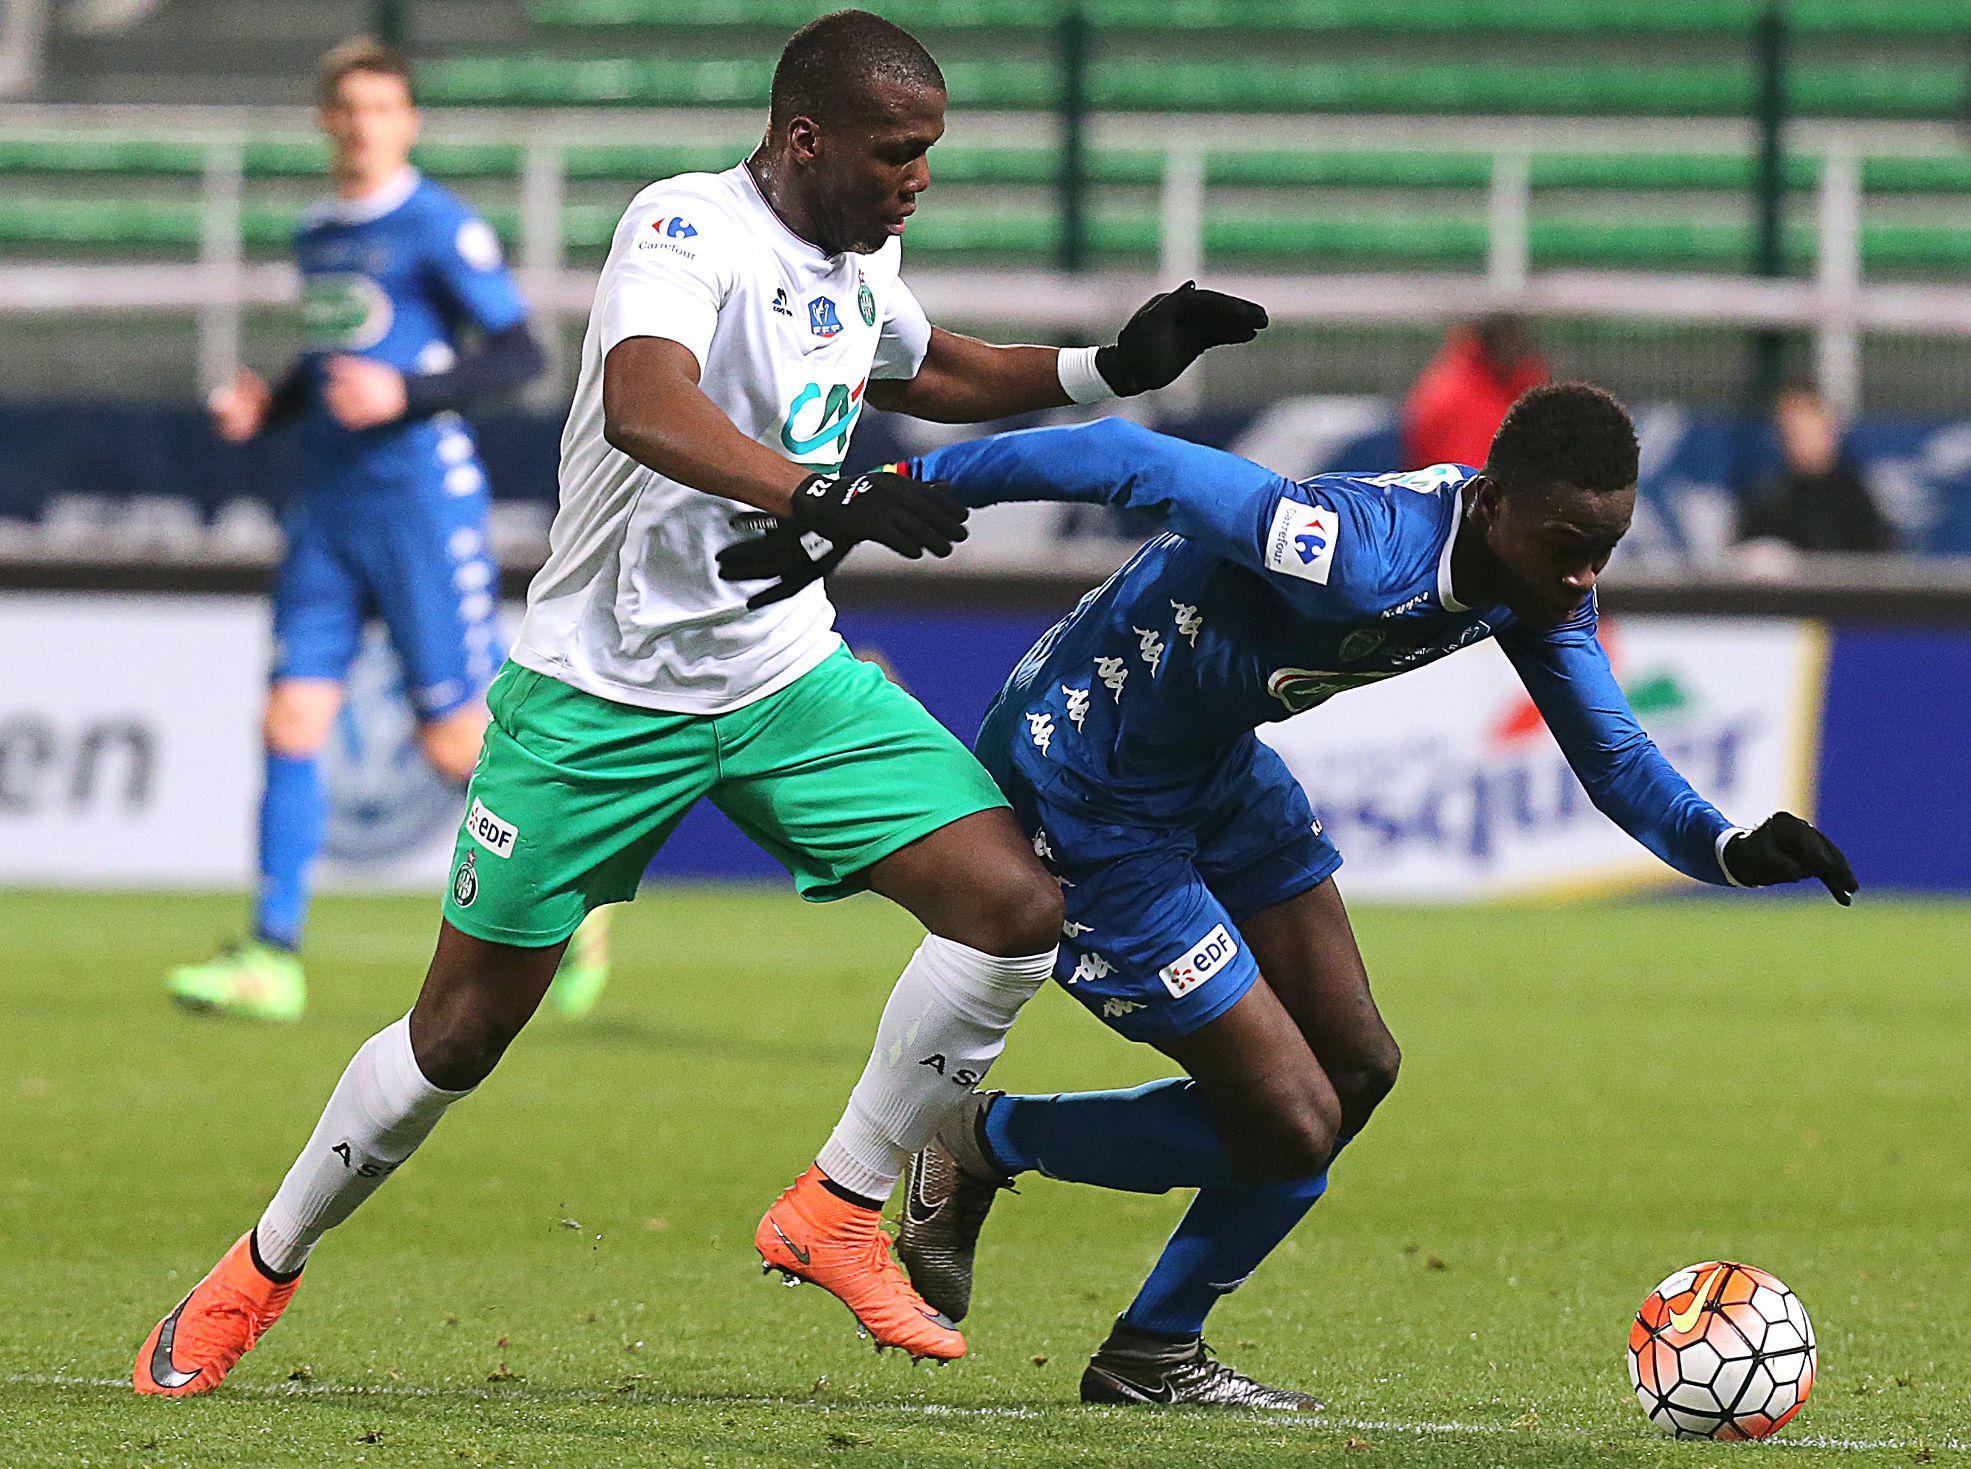 Troyes saint etienne en direct coupe de france football - Resultat de coupe de france en direct ...